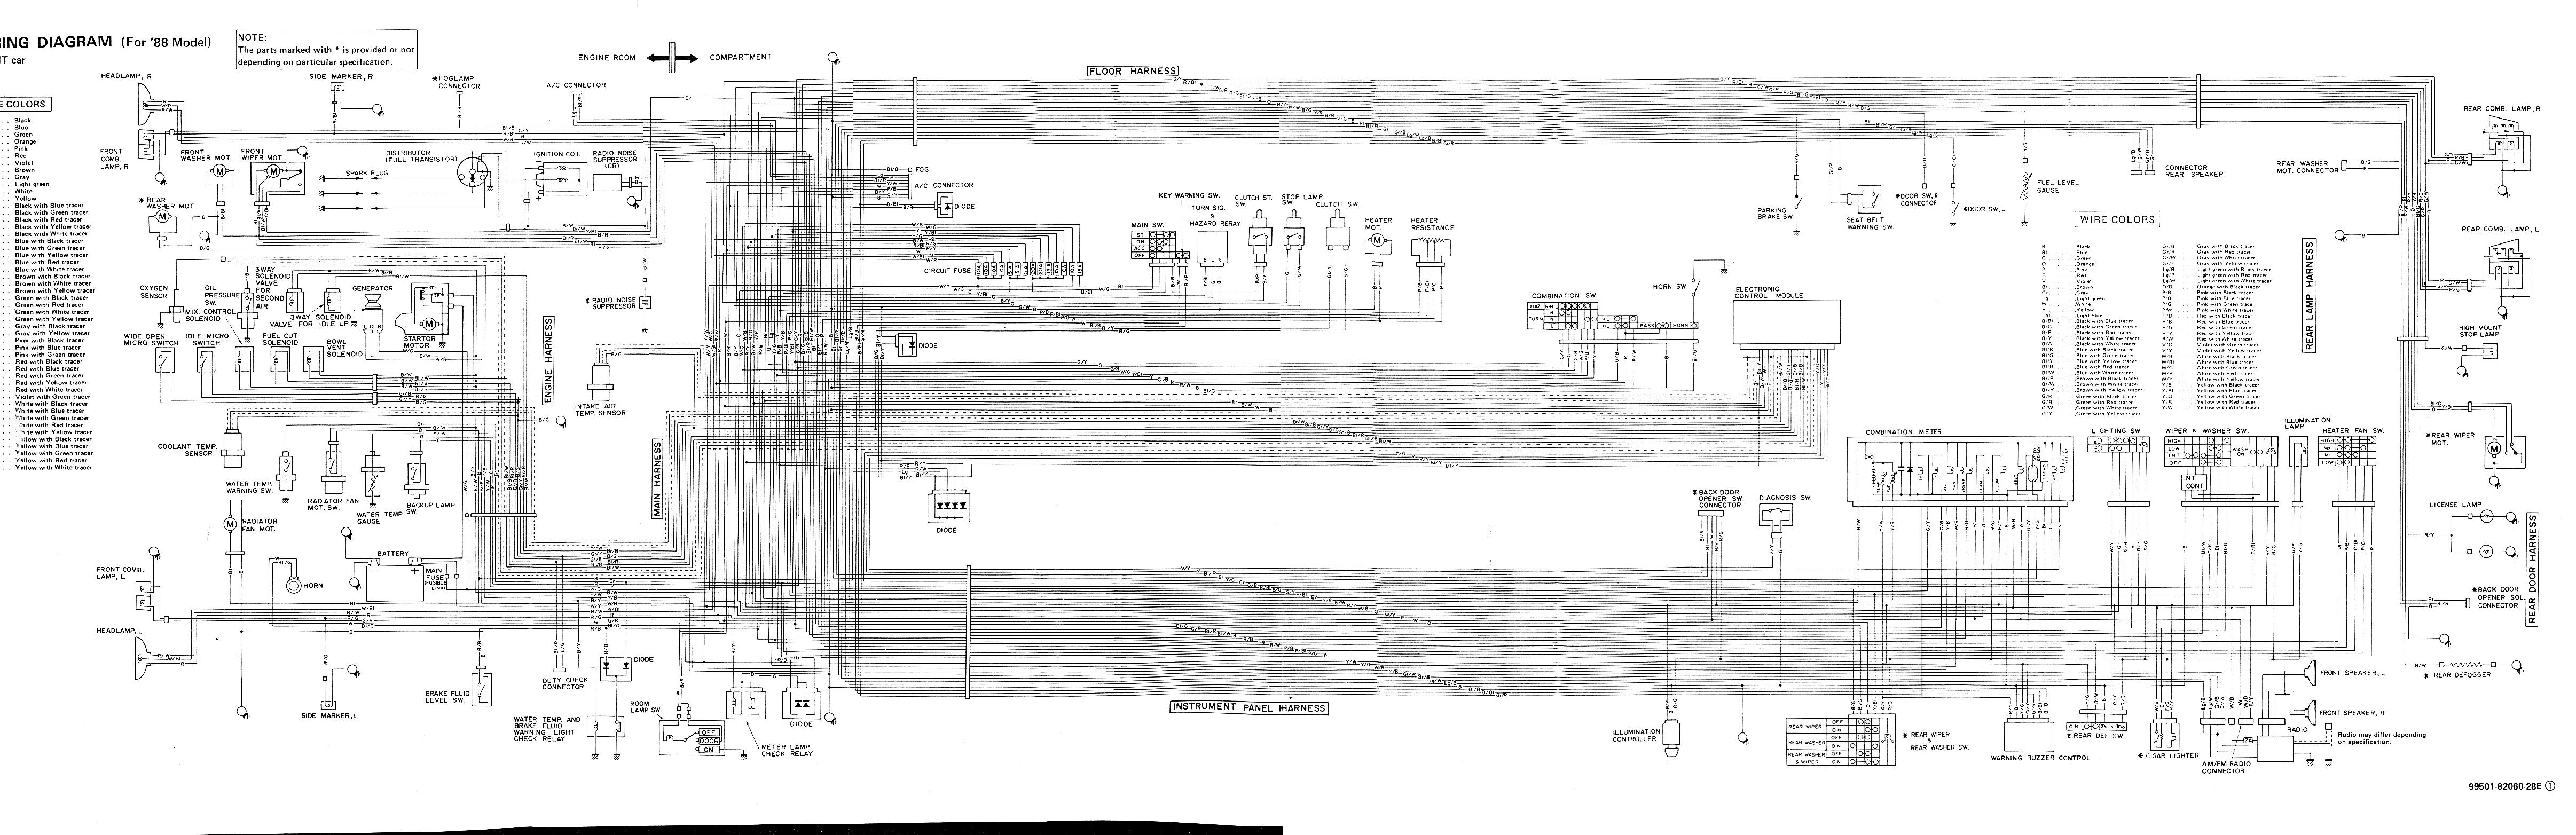 suzuki swift wiring harness diagram wiring diagram repair guidessuzuki swift wiring diagrams wiring diagram technicsuzuki swift [ 4824 x 1564 Pixel ]